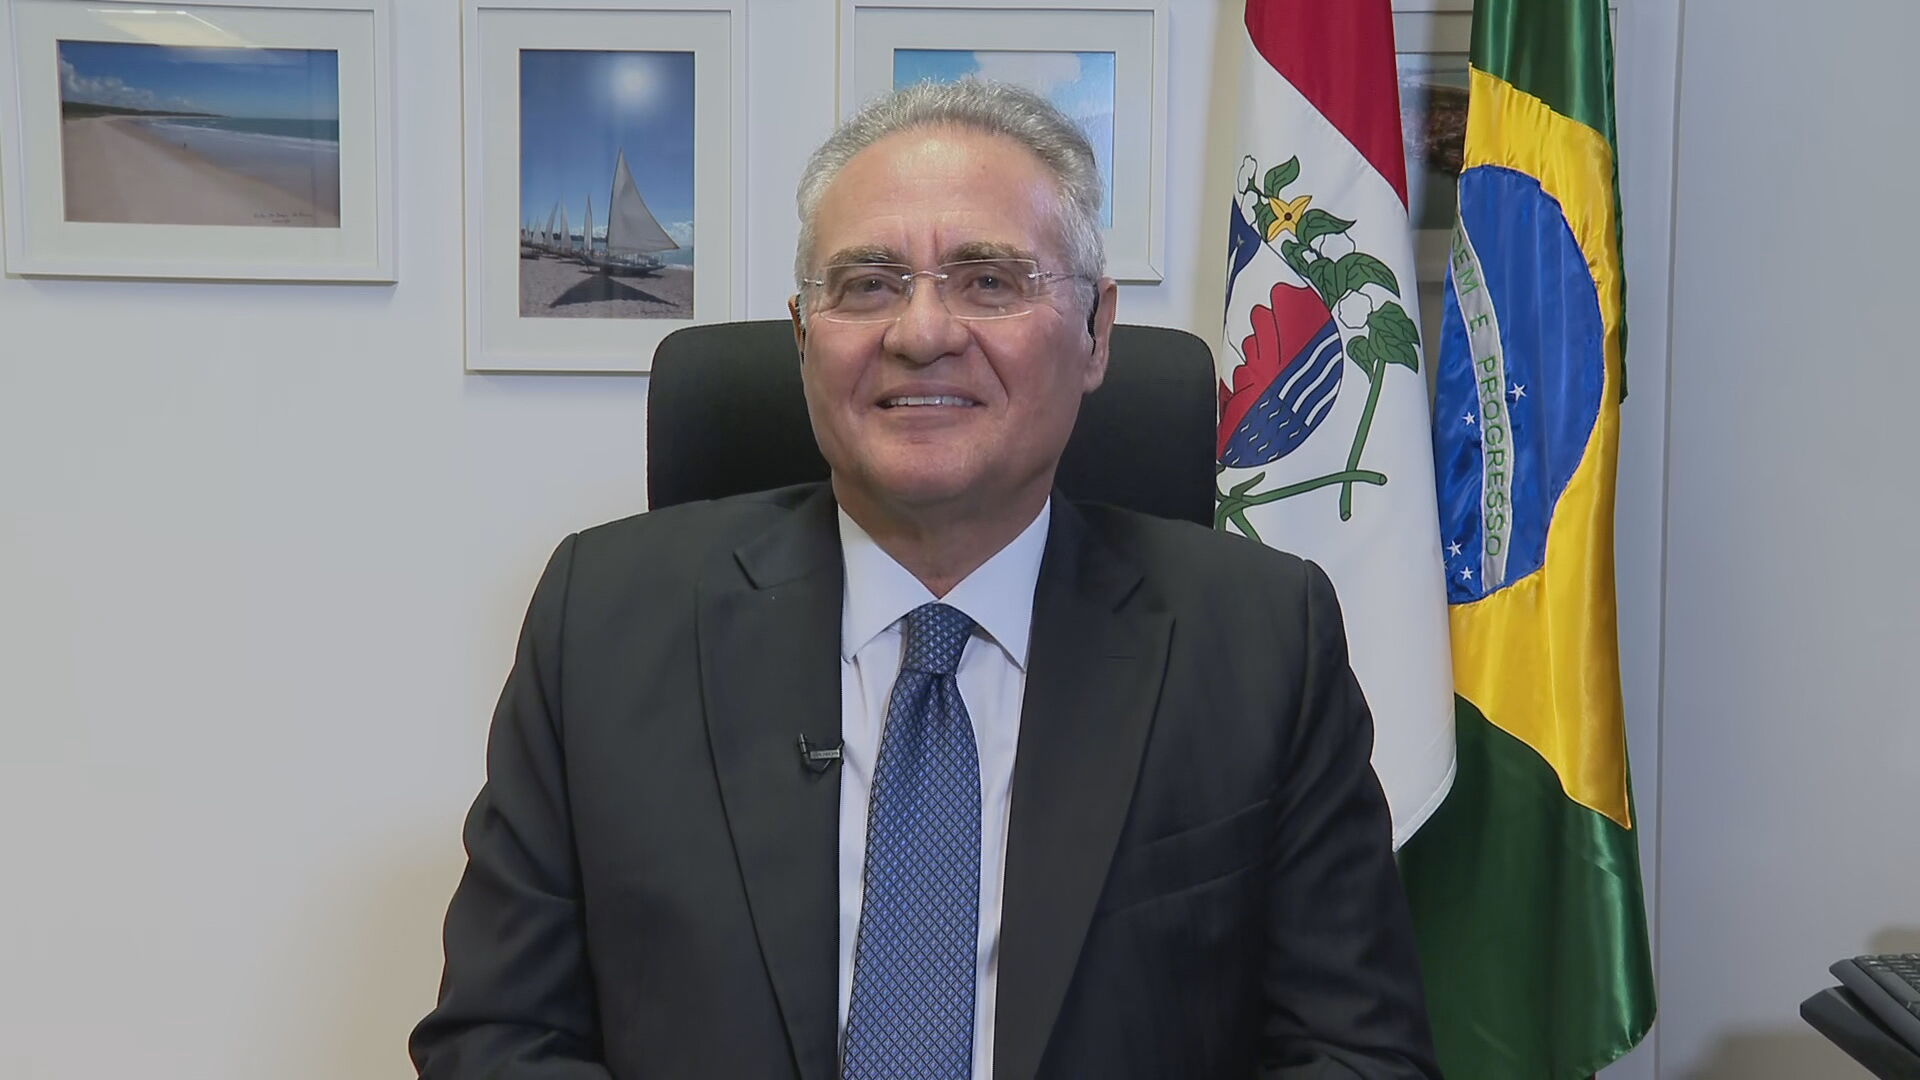 Senador e relator da CPI da Pandemia, Renan Calheiros (MDB-AL) em entrevista à C